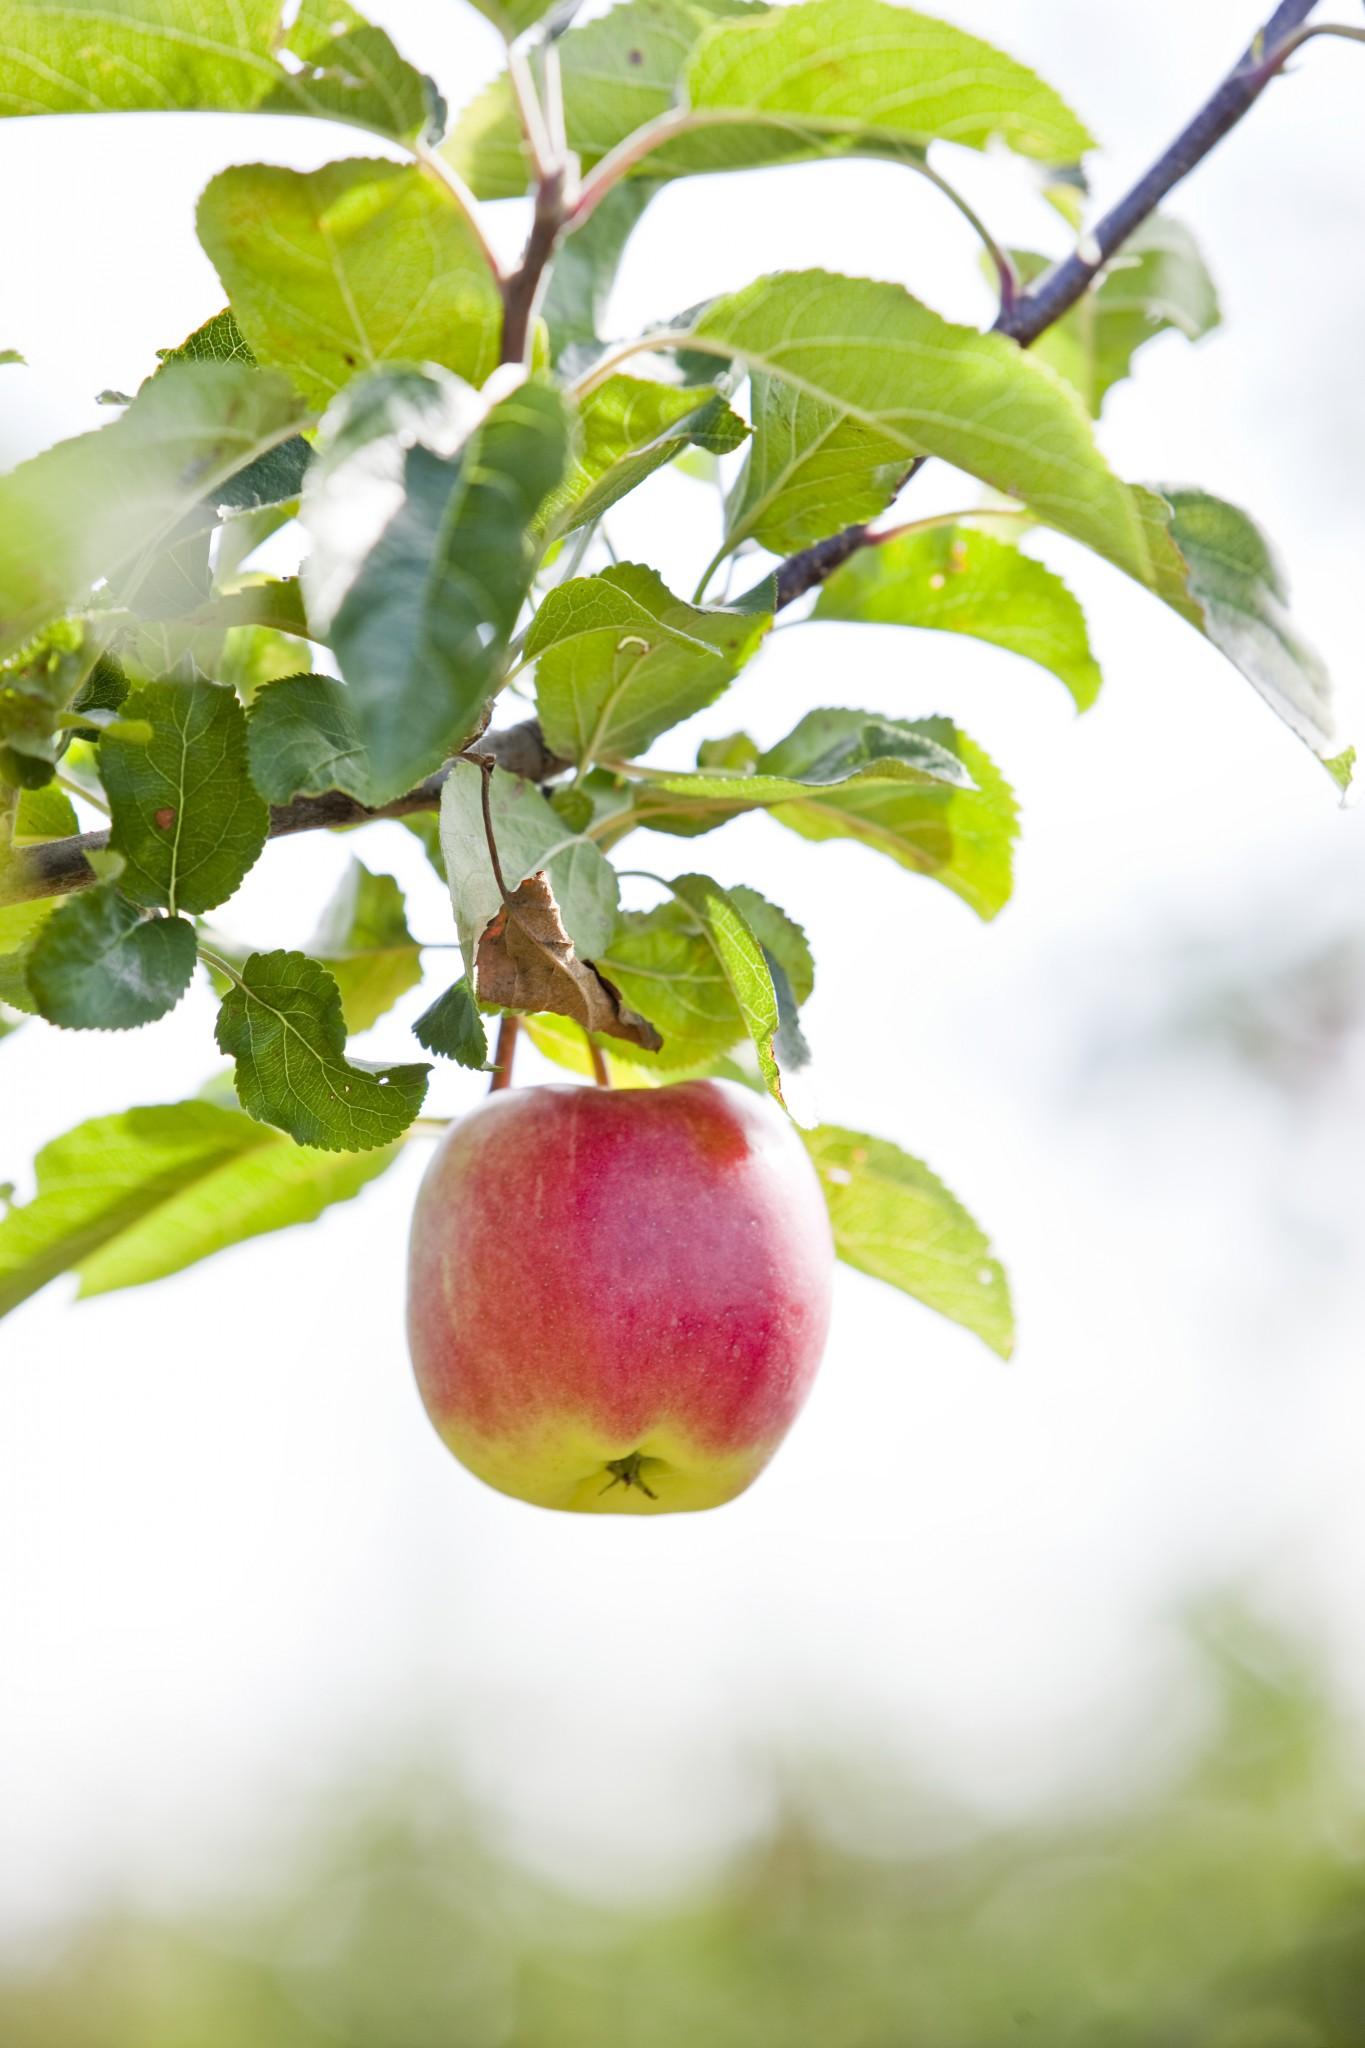 Frukttrær til salgs